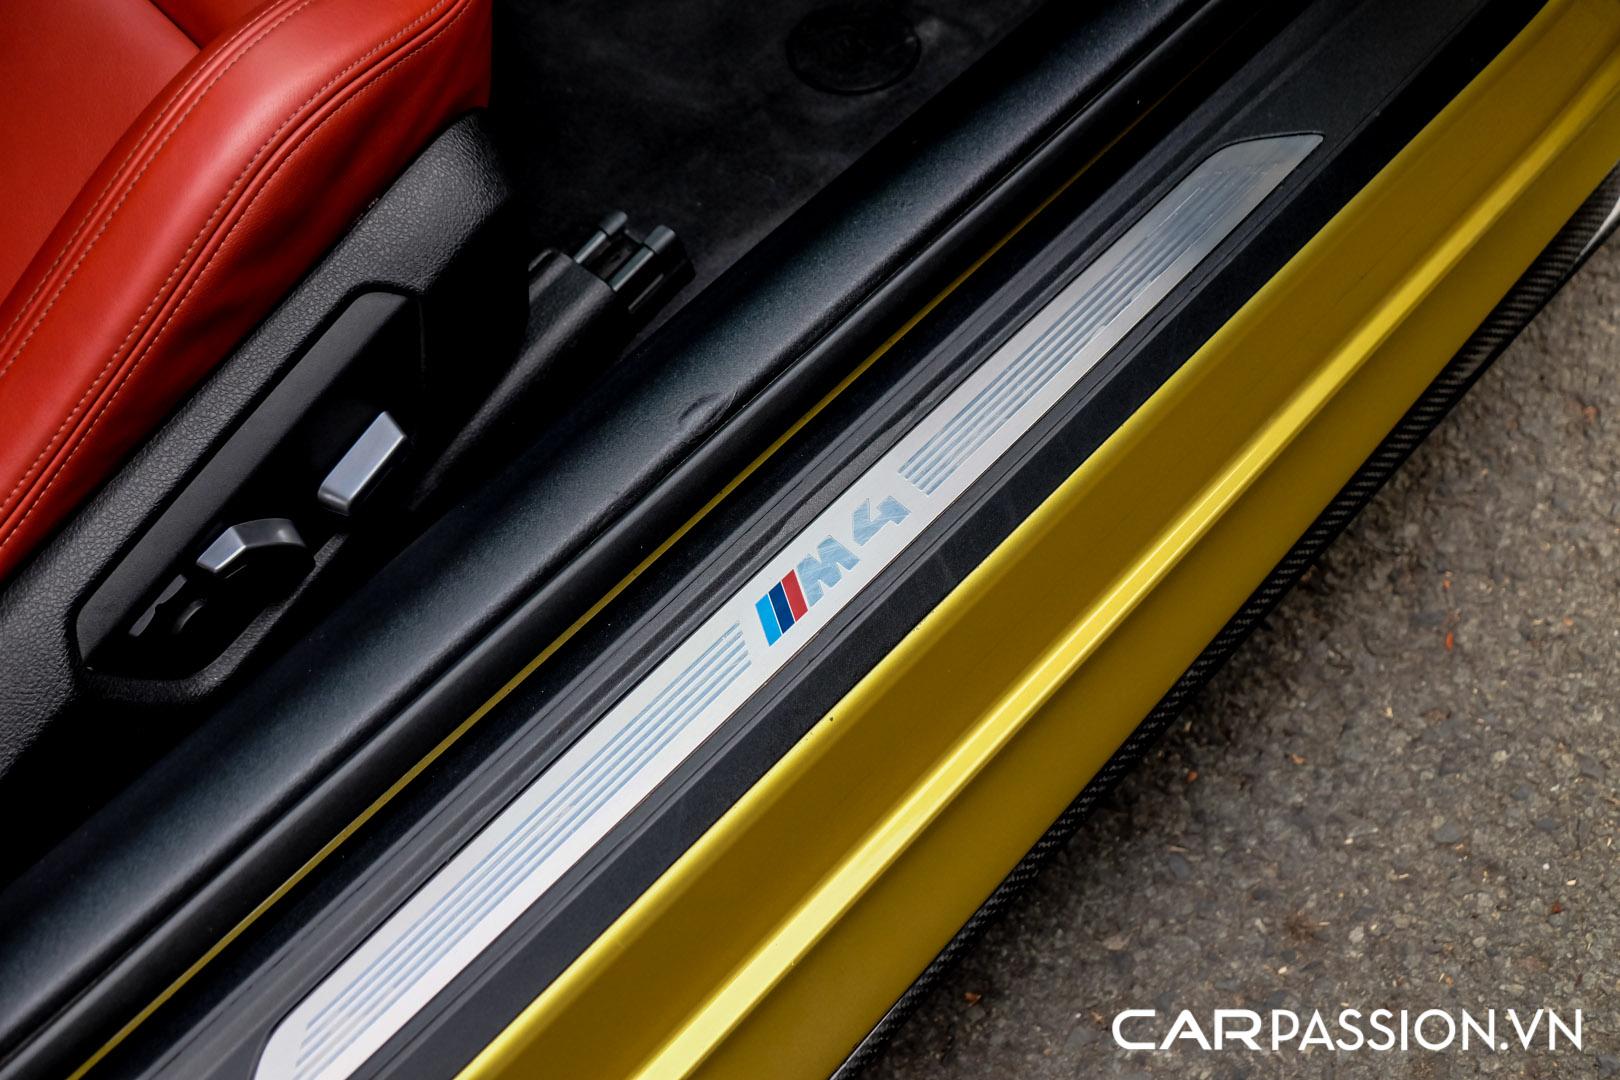 CP-BMW M4 F8 được rao bán (36).jpg